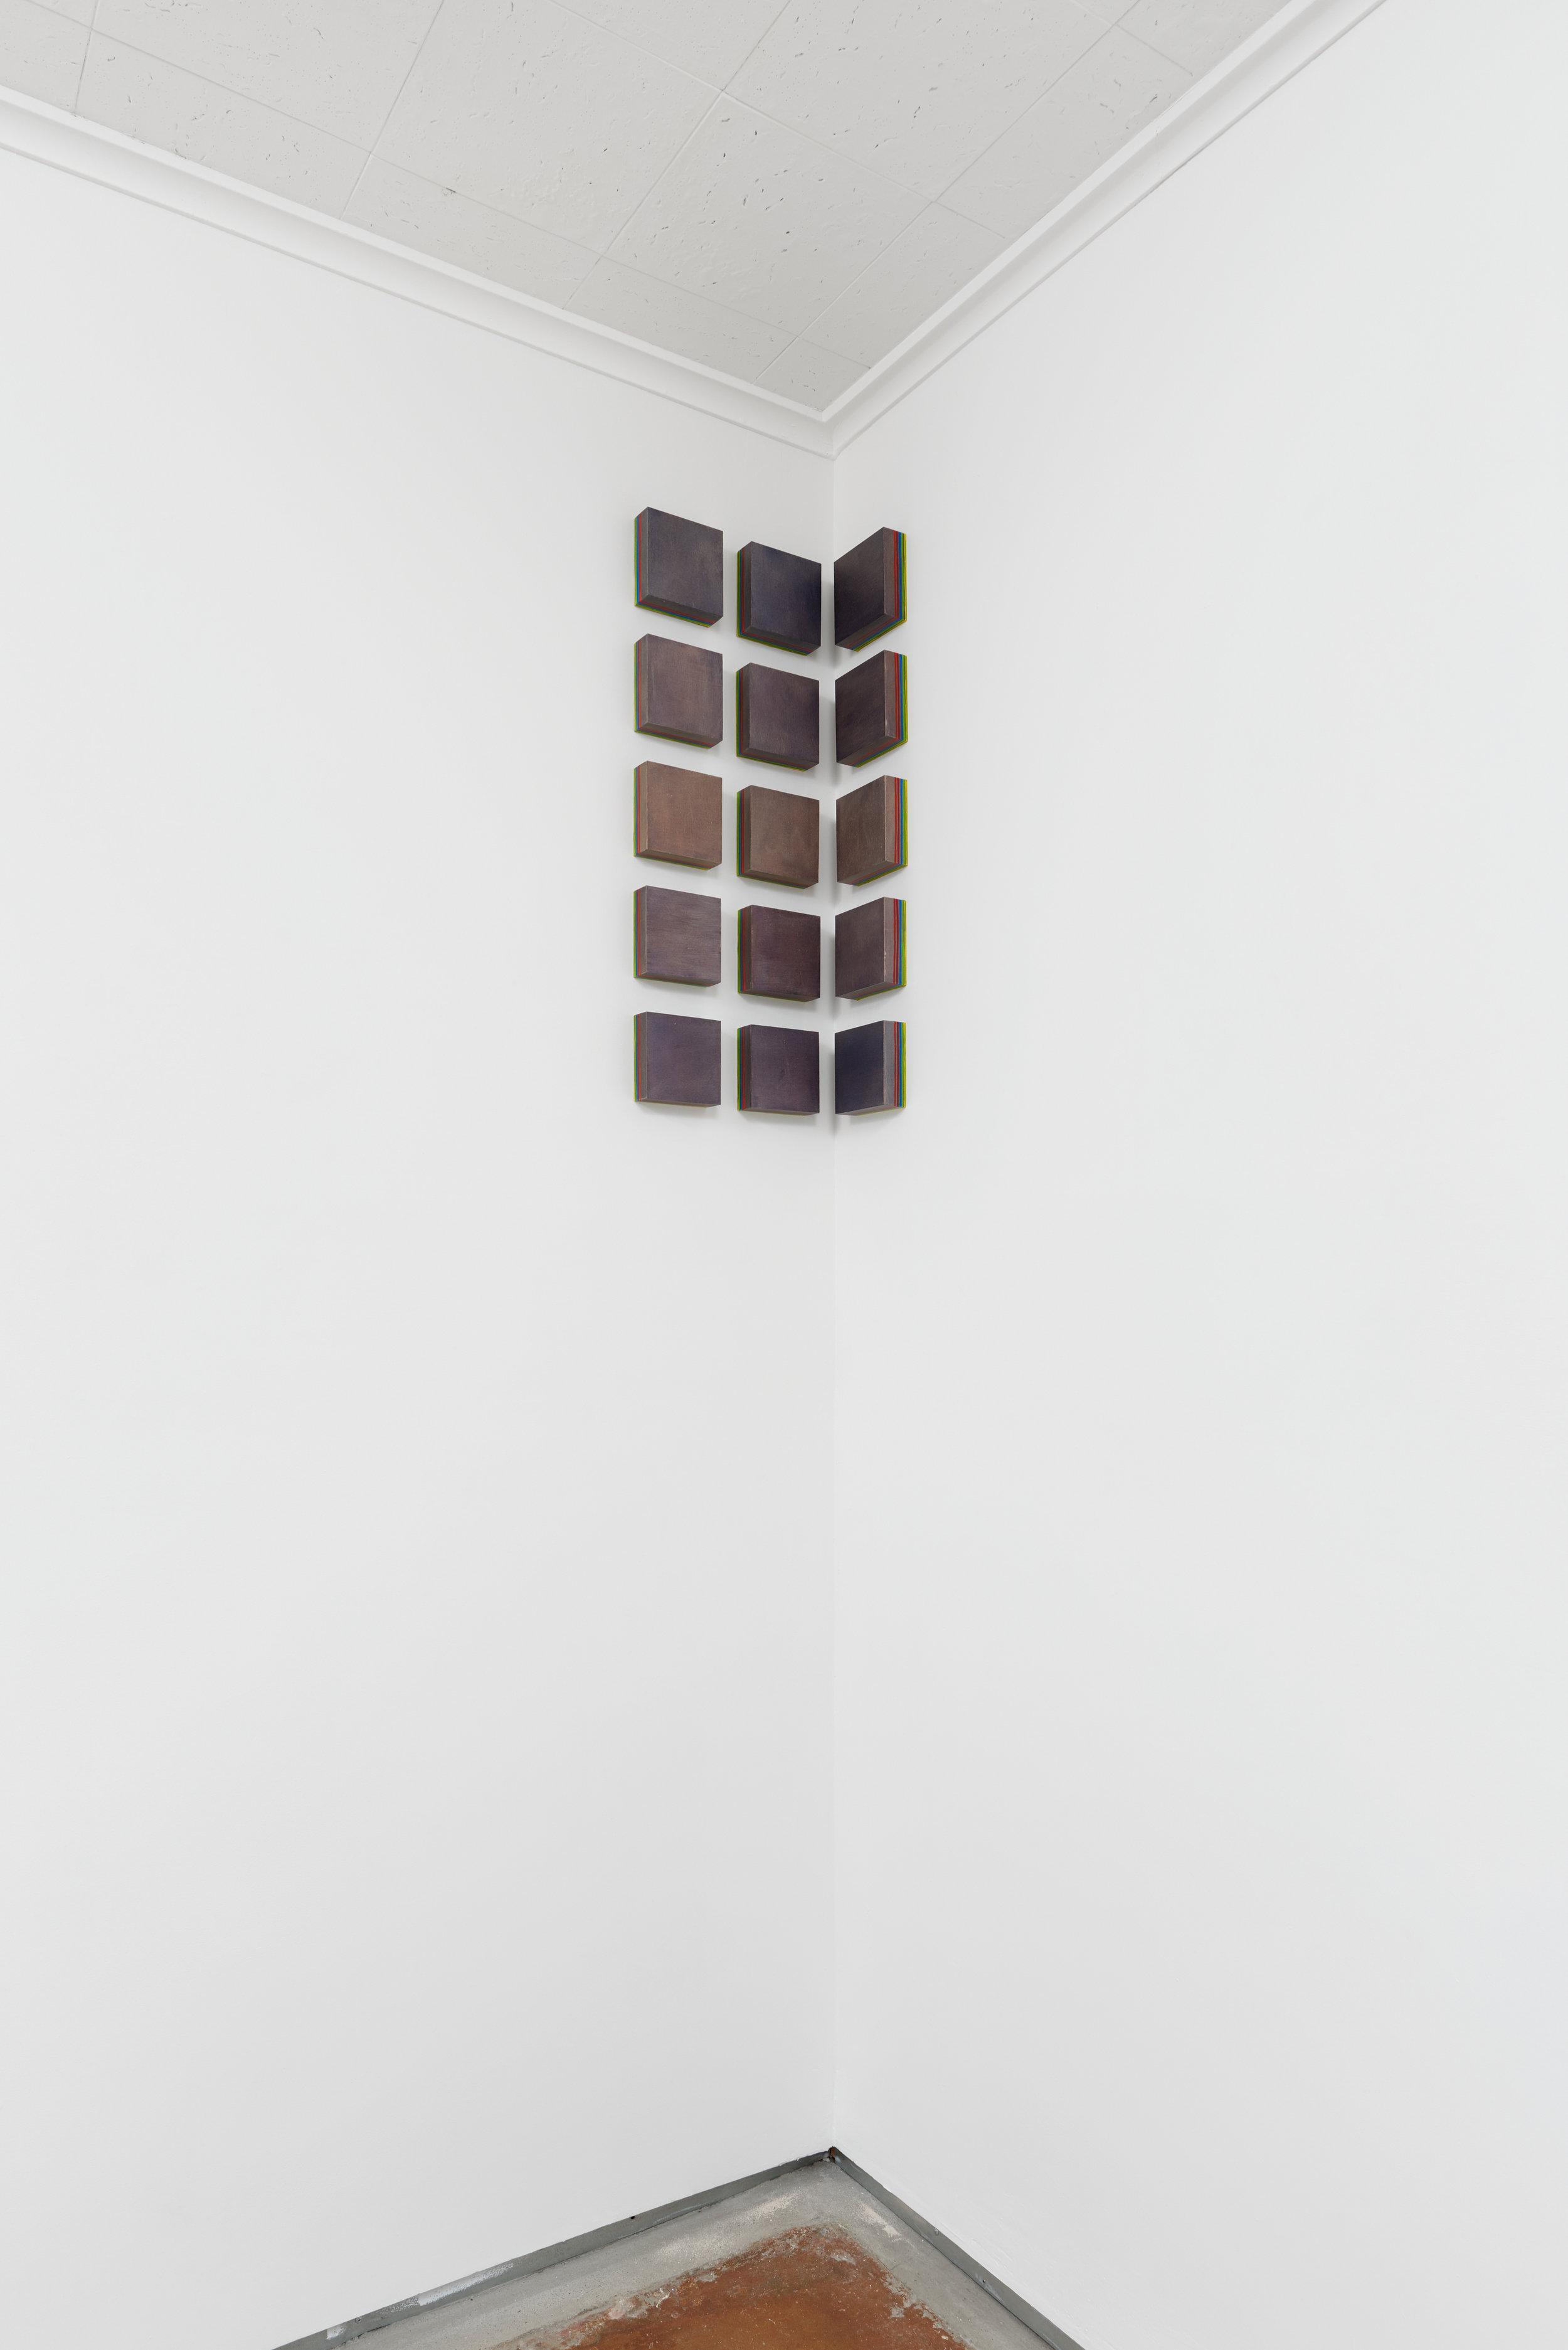 Installation view: COLOR CHANT, Solo show at Chandra Cerrito Contemporary, 2015.